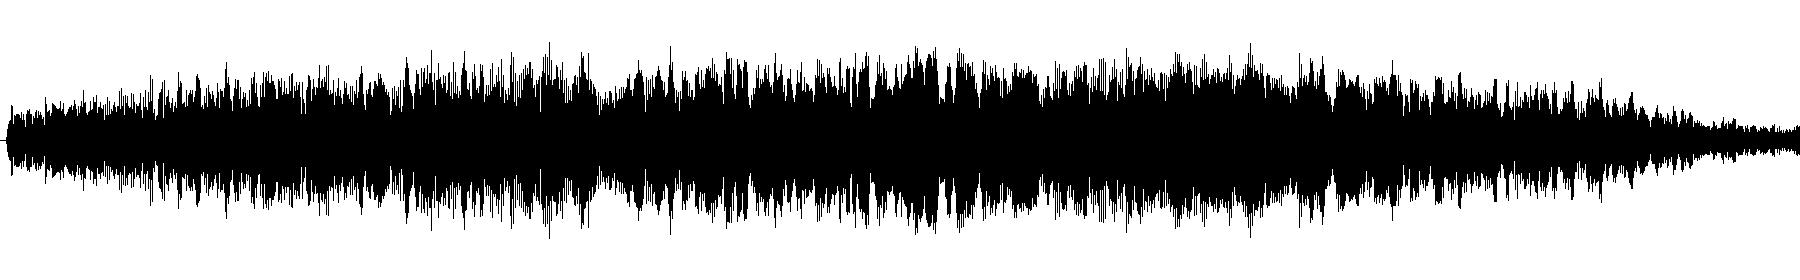 tfx texture 02